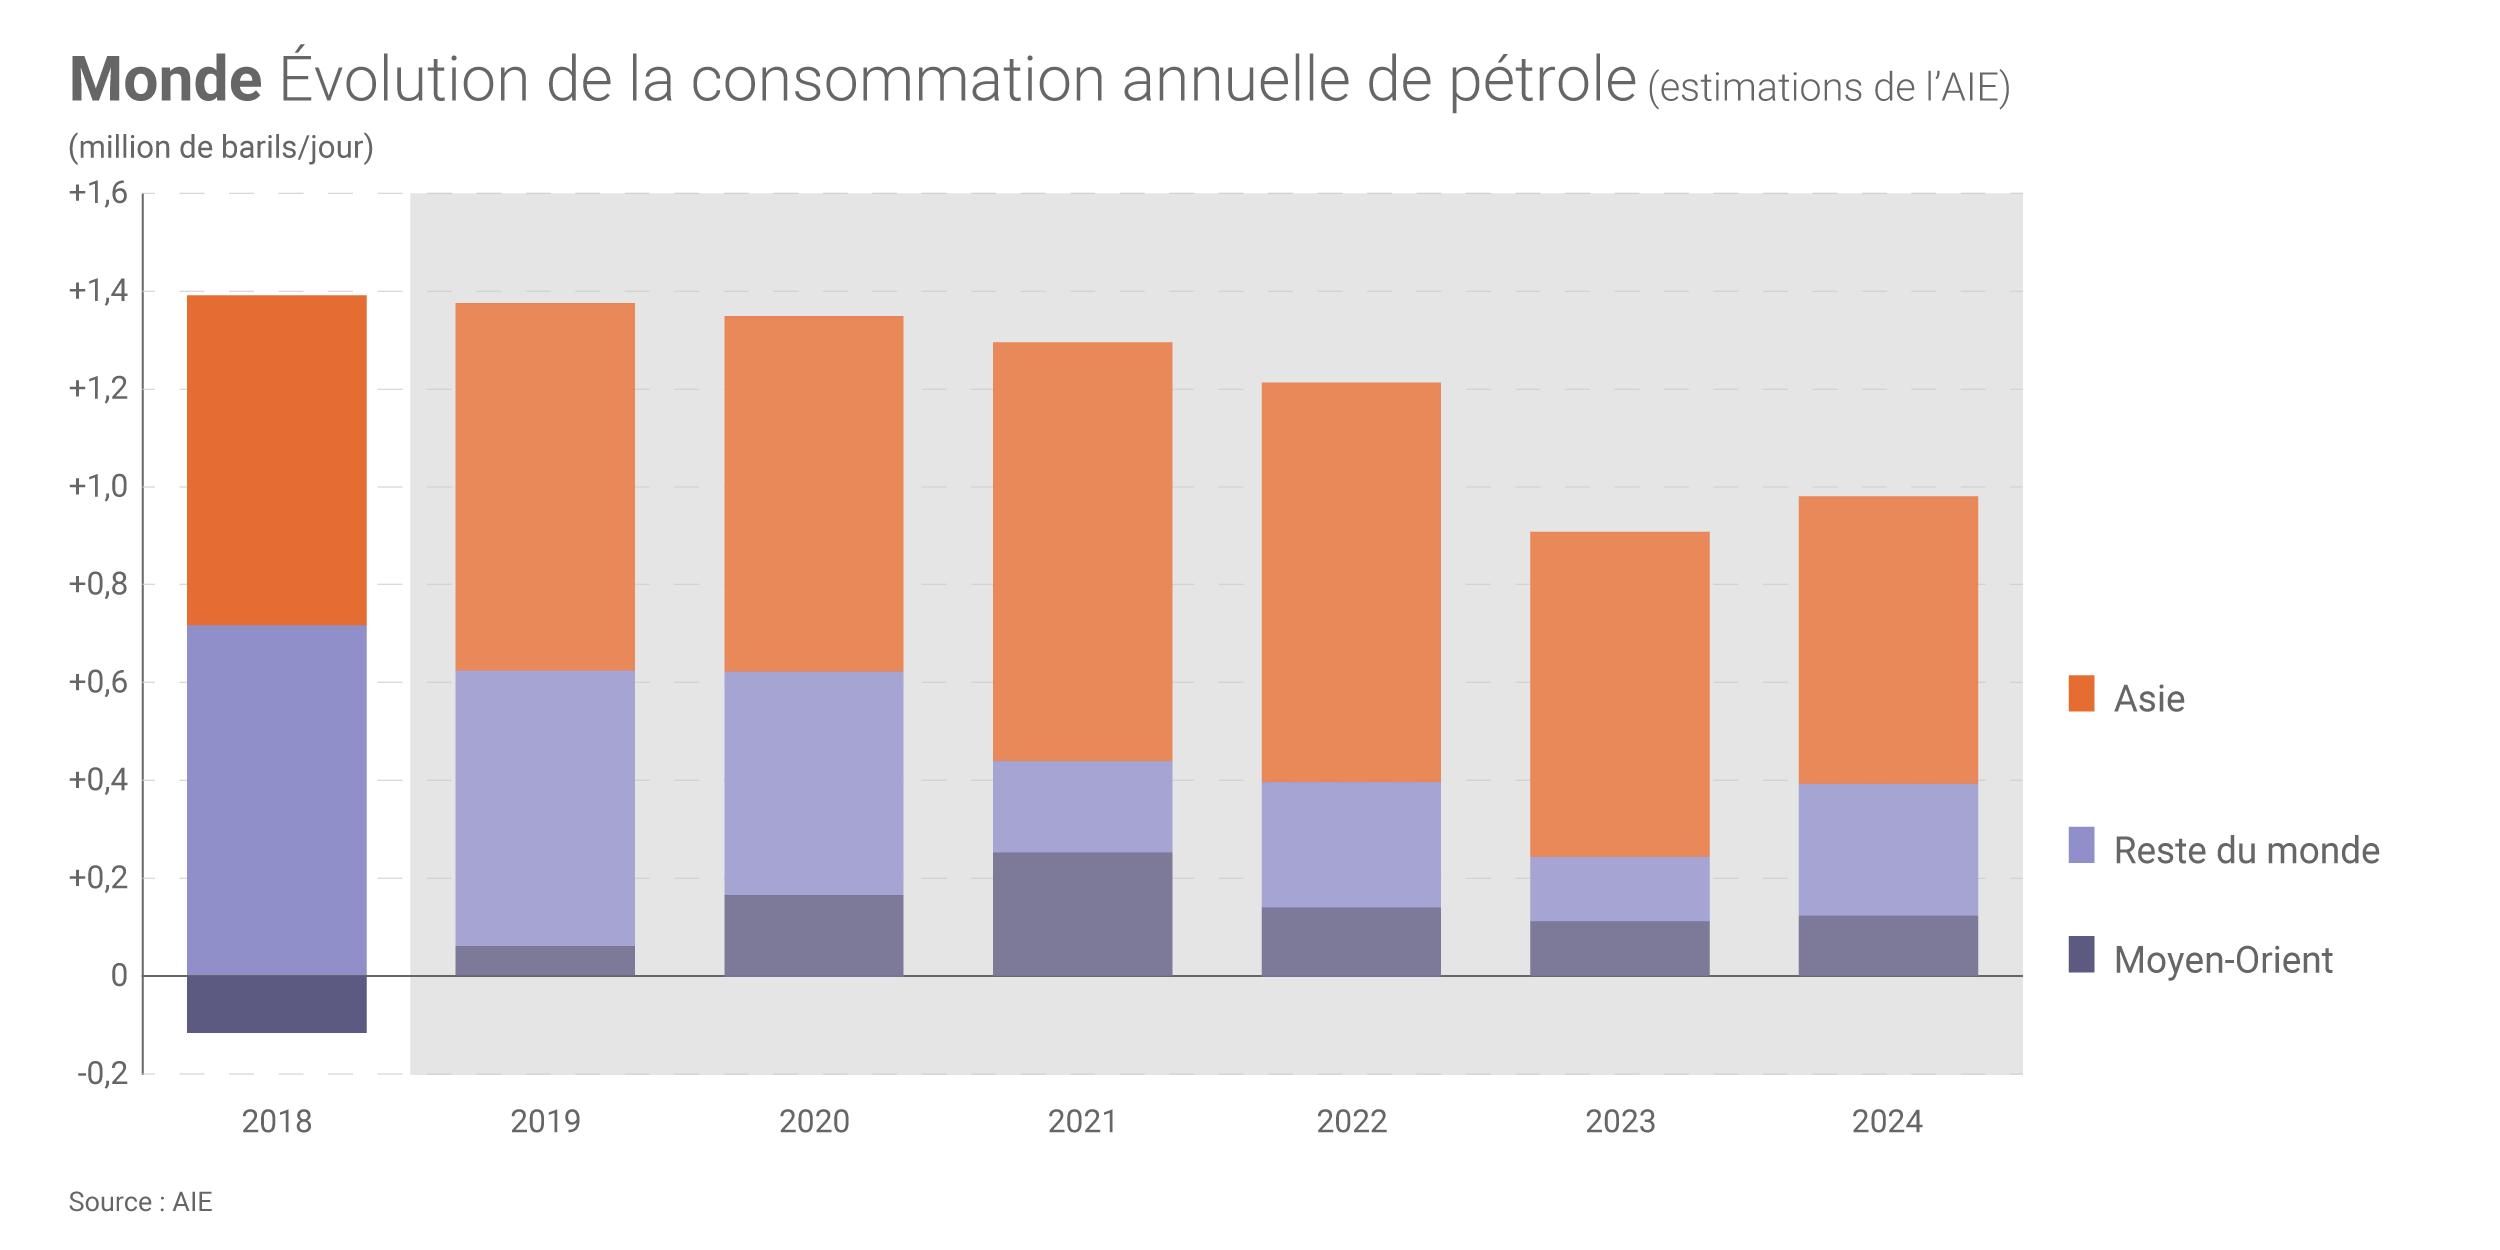 https://www.connaissancedesenergies.org/sites/default/files/image_article/evolution-consommation-mondiale-petrole-estimations-aie_zoom.png